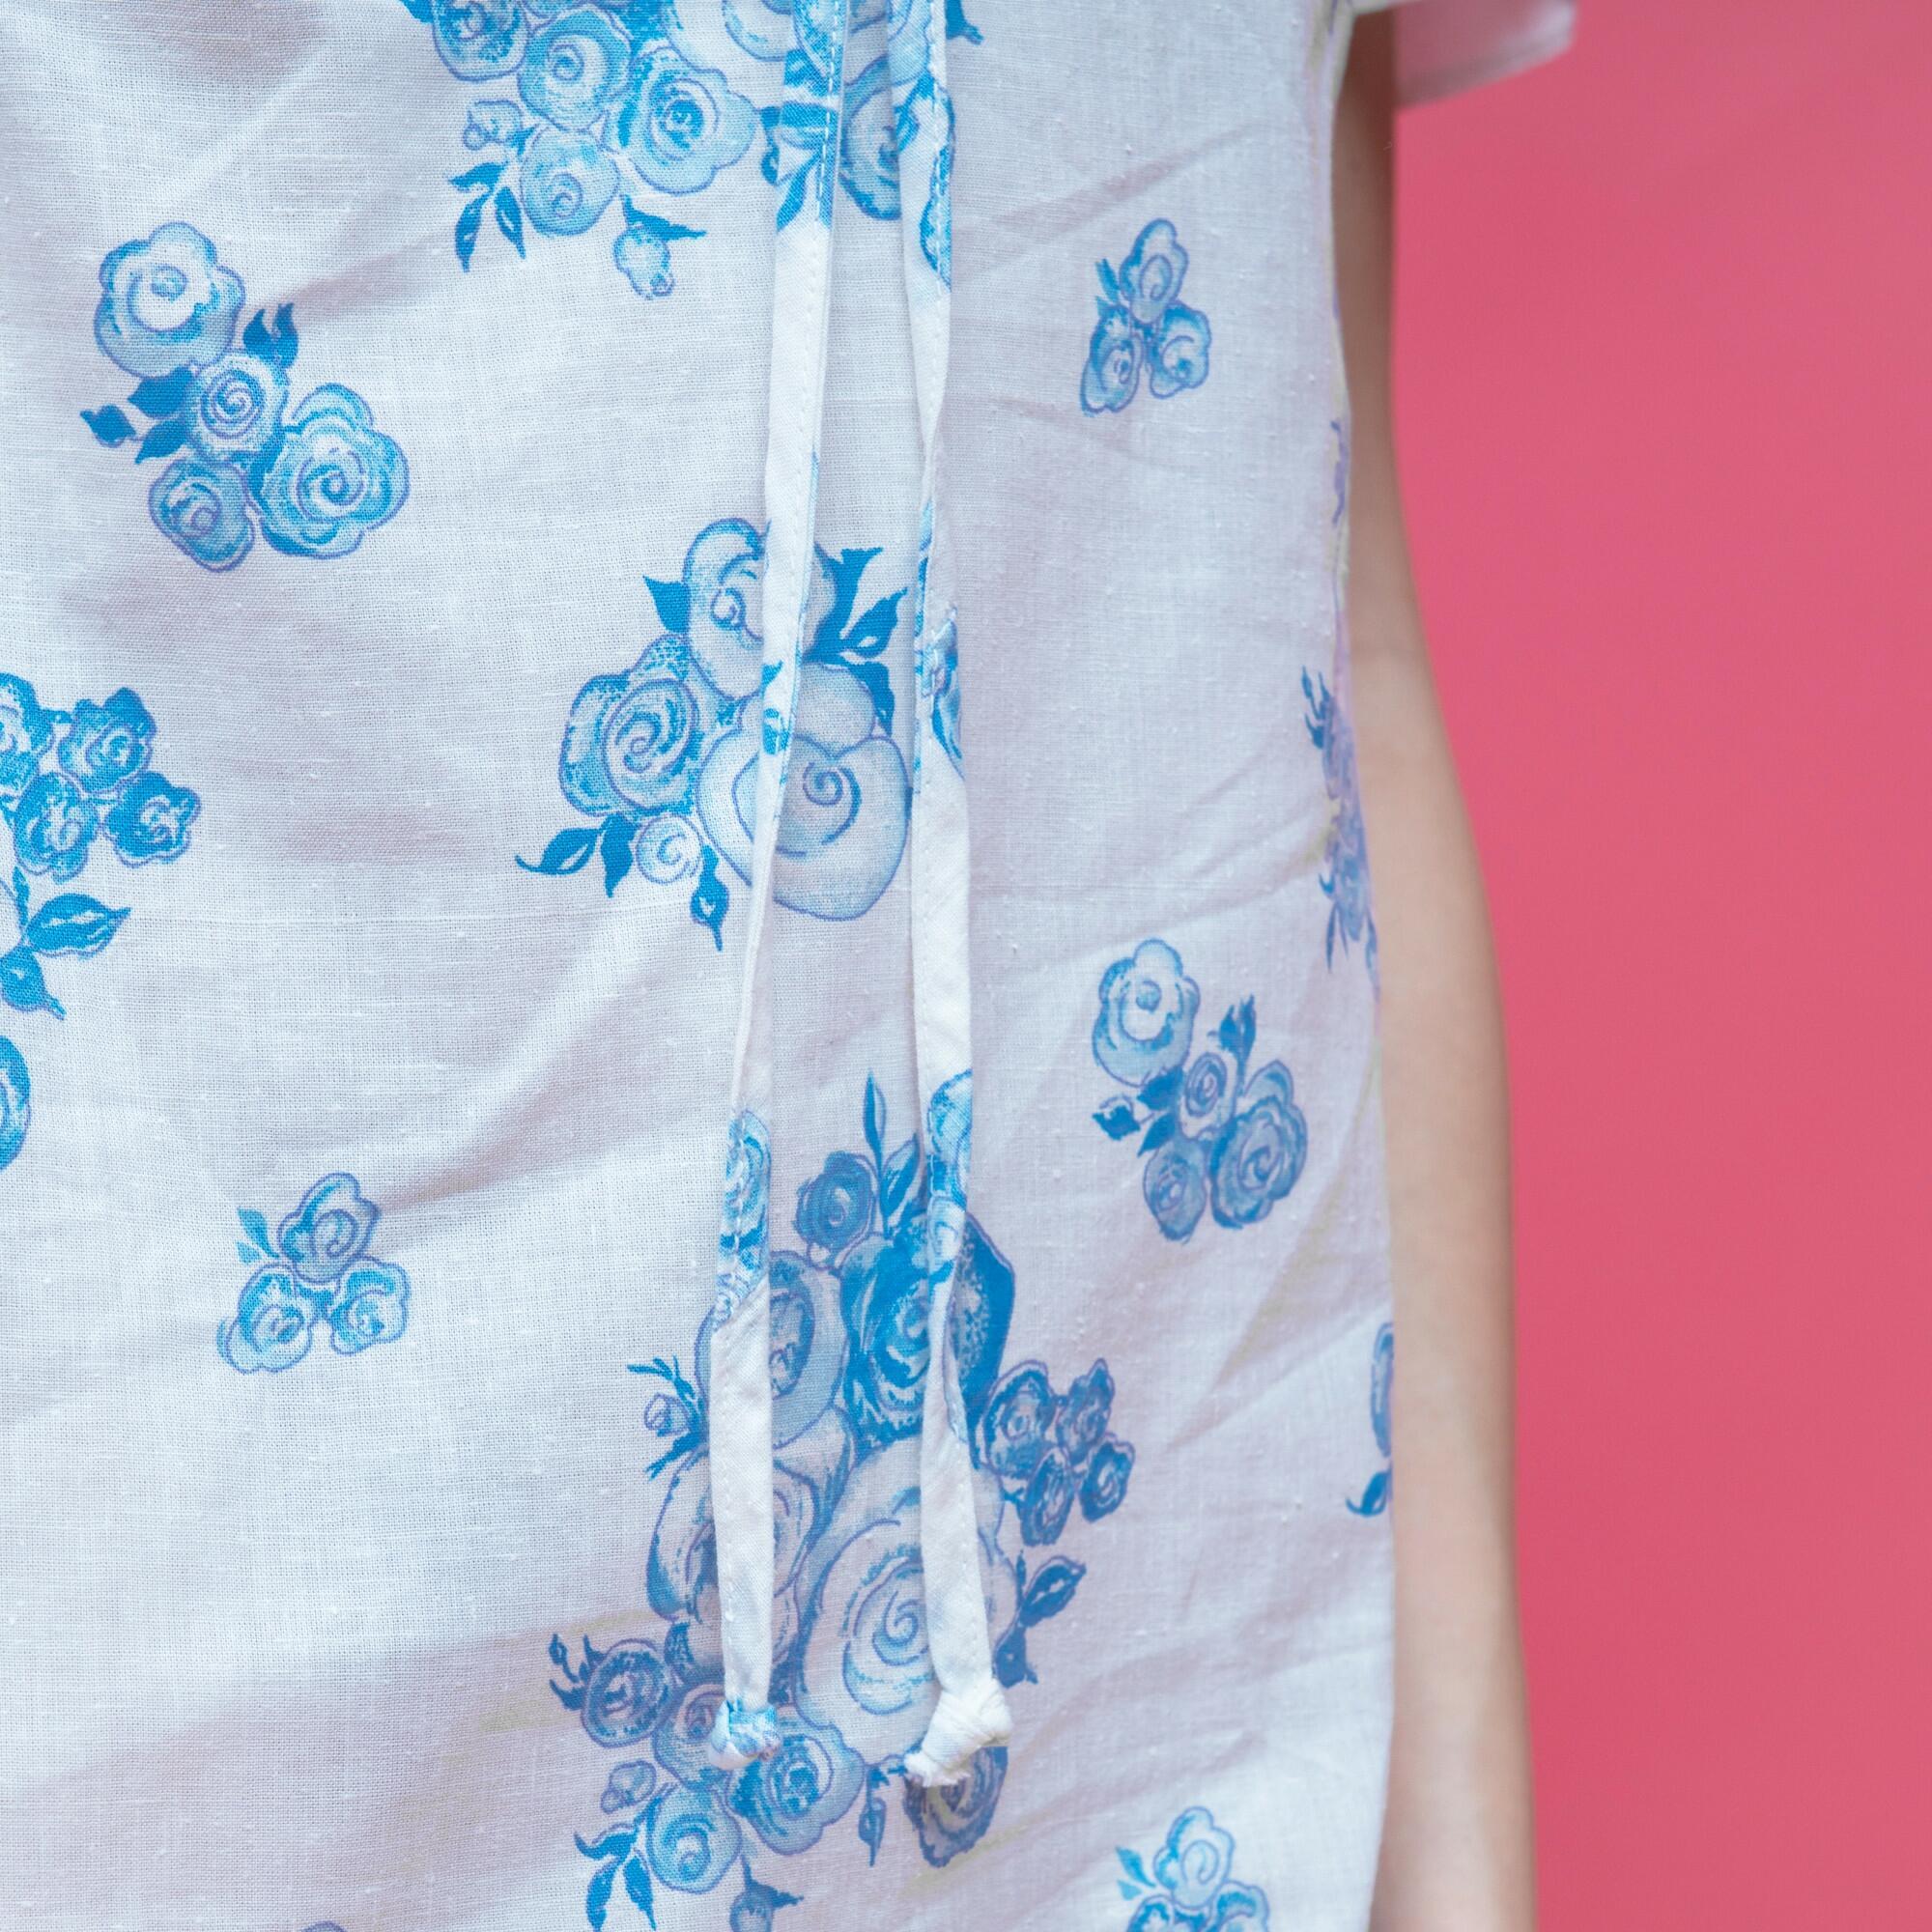 Biała sukienka z bawełny w niebieskie kwiaty Made in Poland - KEX Vintage Store | JestemSlow.pl